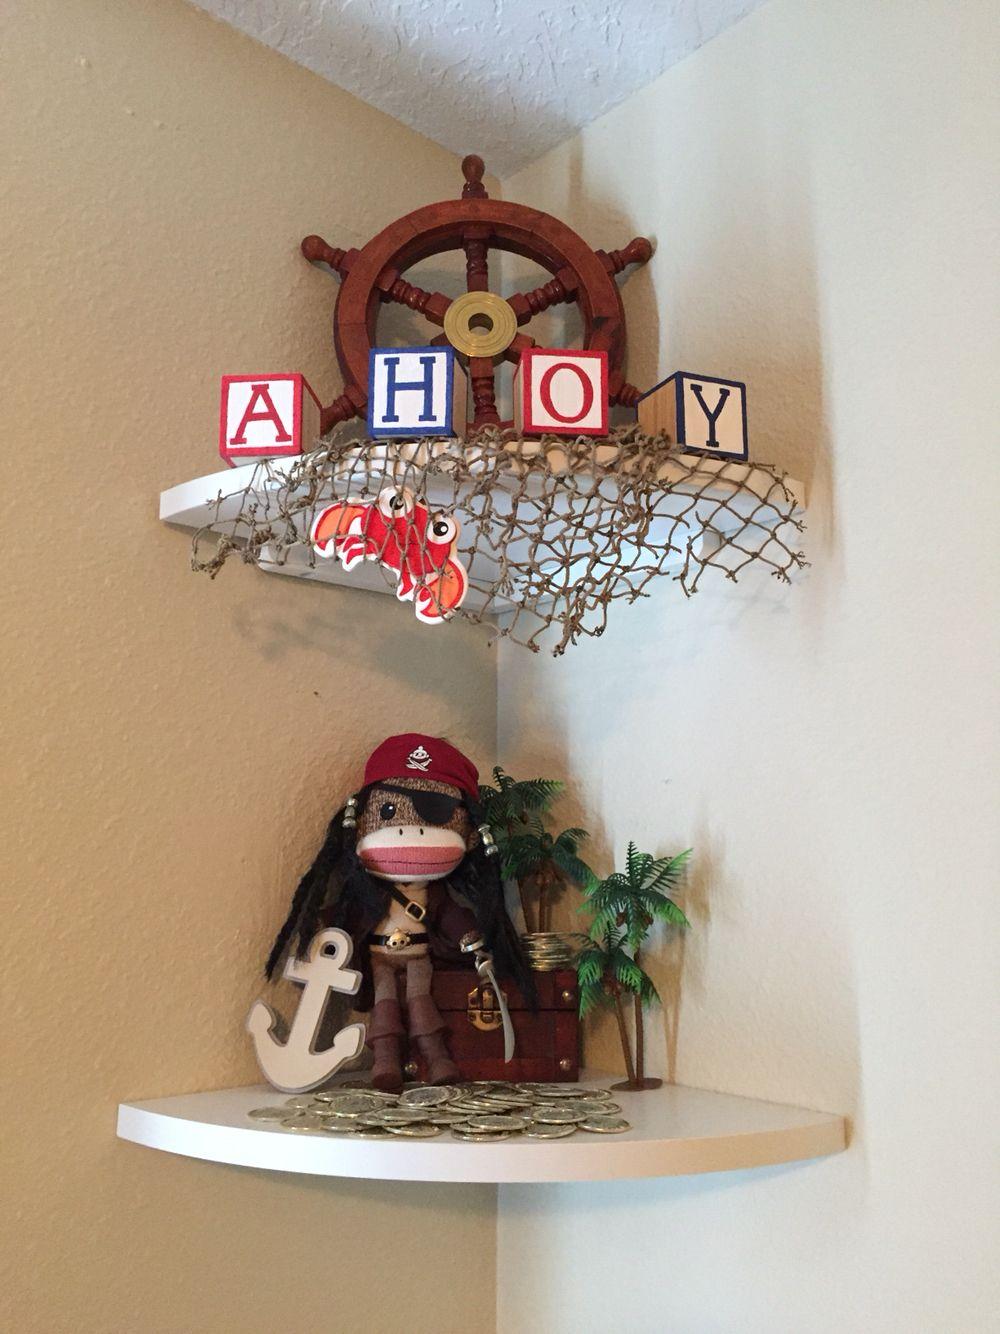 Pirate / nautical nursery decor Home Sweet Home